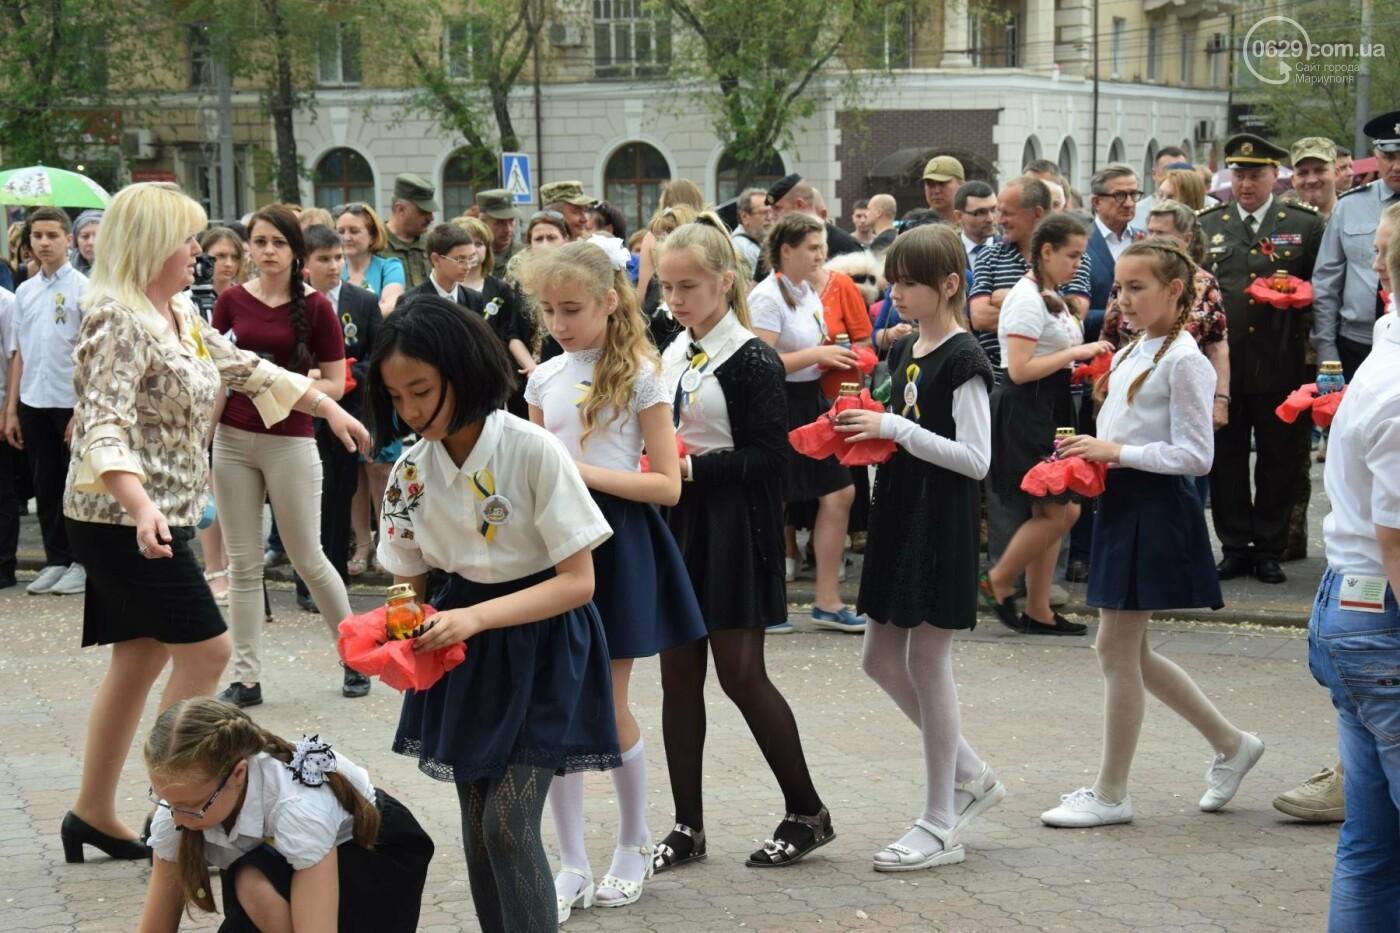 День памяти и примирения в Мариуполе  второй год проходит под дождем (ФОТО, ВИДЕО), фото-2